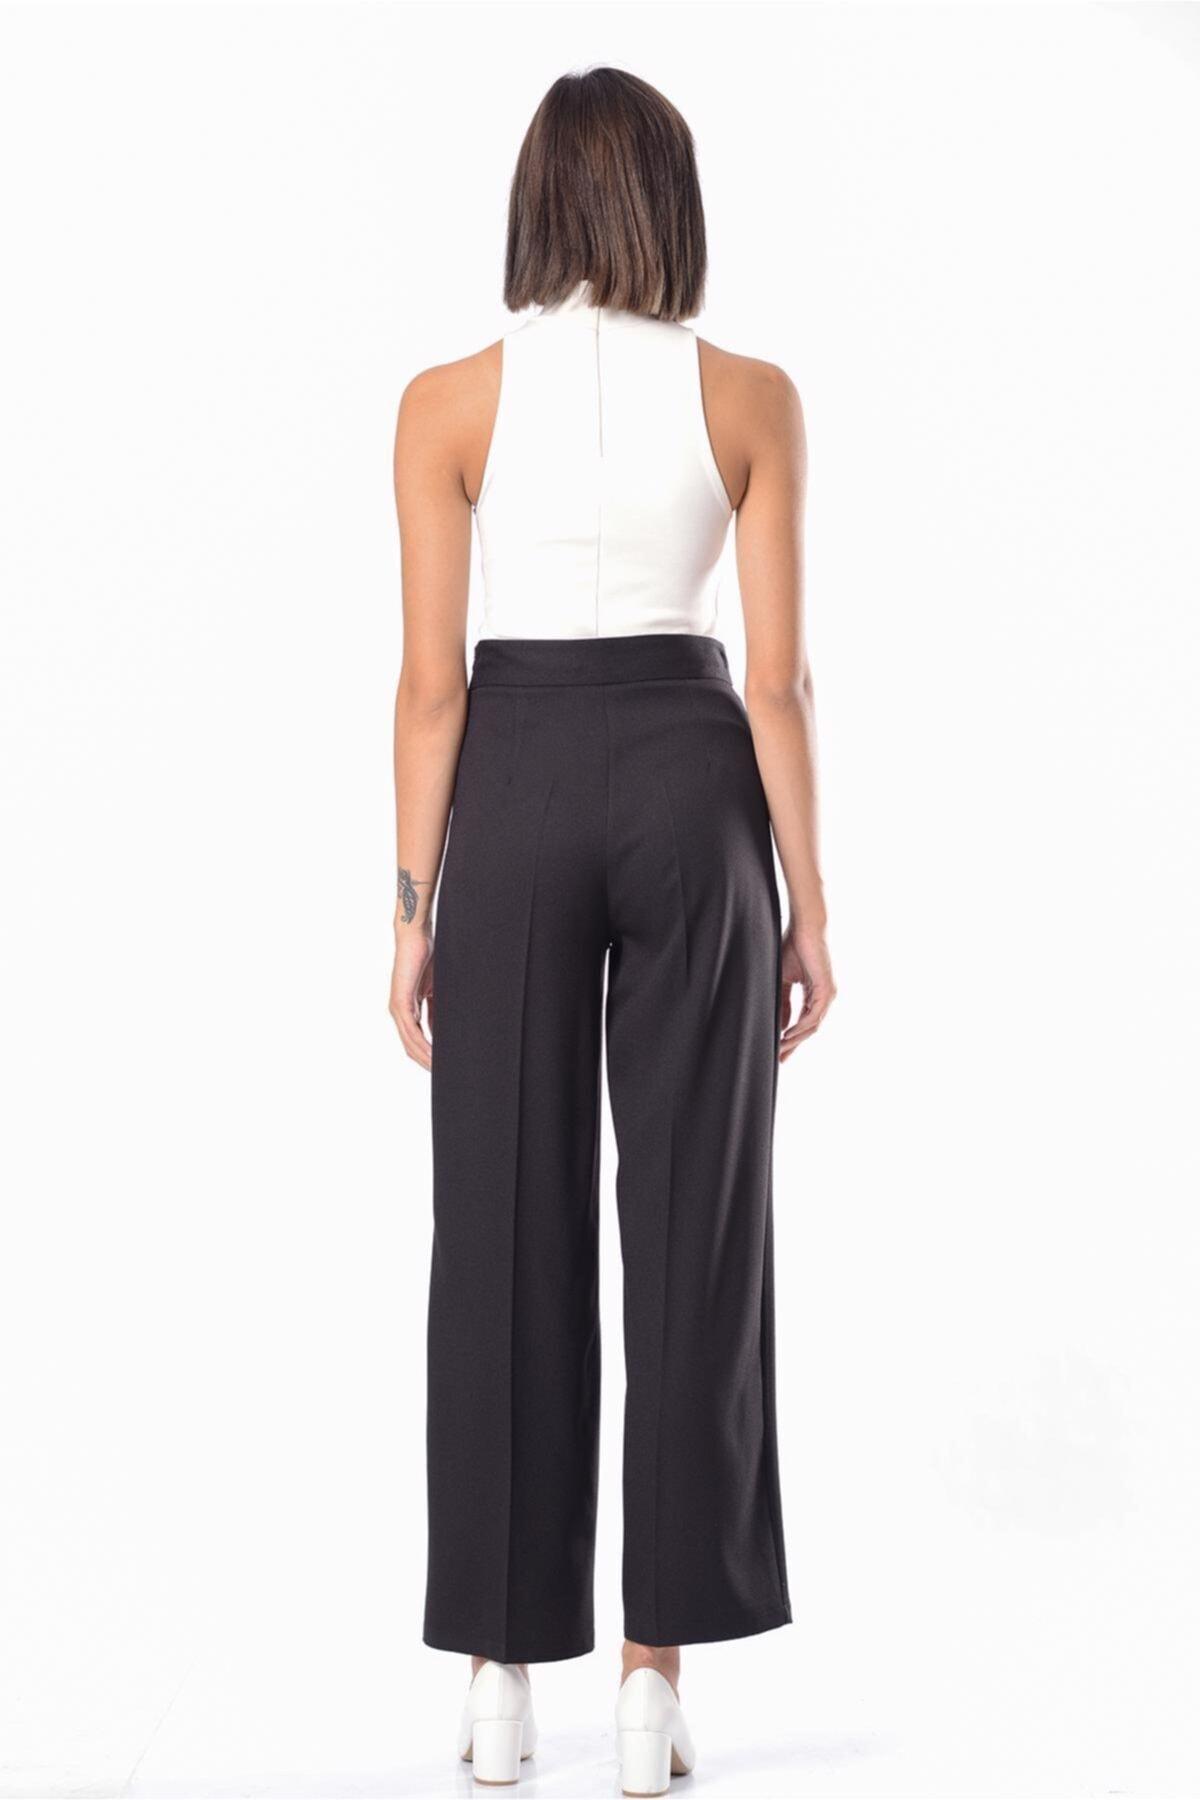 İroni Kadın Siyah Geniş Paça Pantolon H31735-1220 2